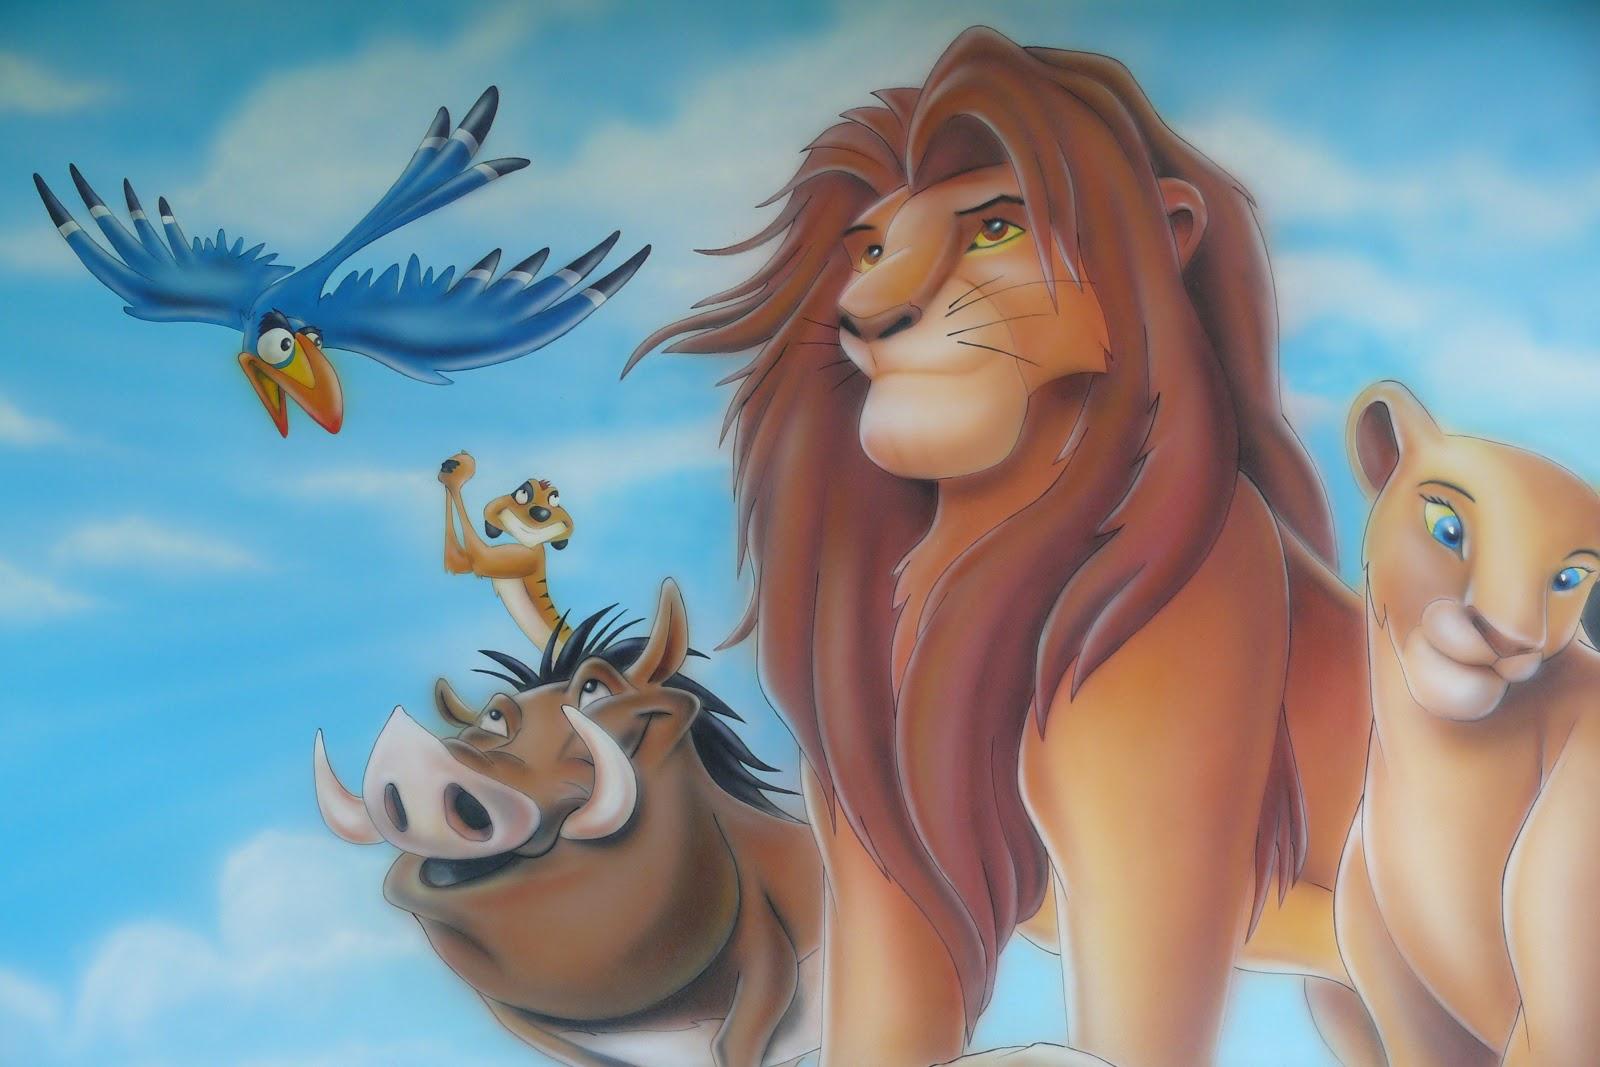 Ciekawy sposób na zaaranżowanie ściany w pokoju chłopca, malowanie motywu z bajki Król Lew na ścianie w pokoju chłopca